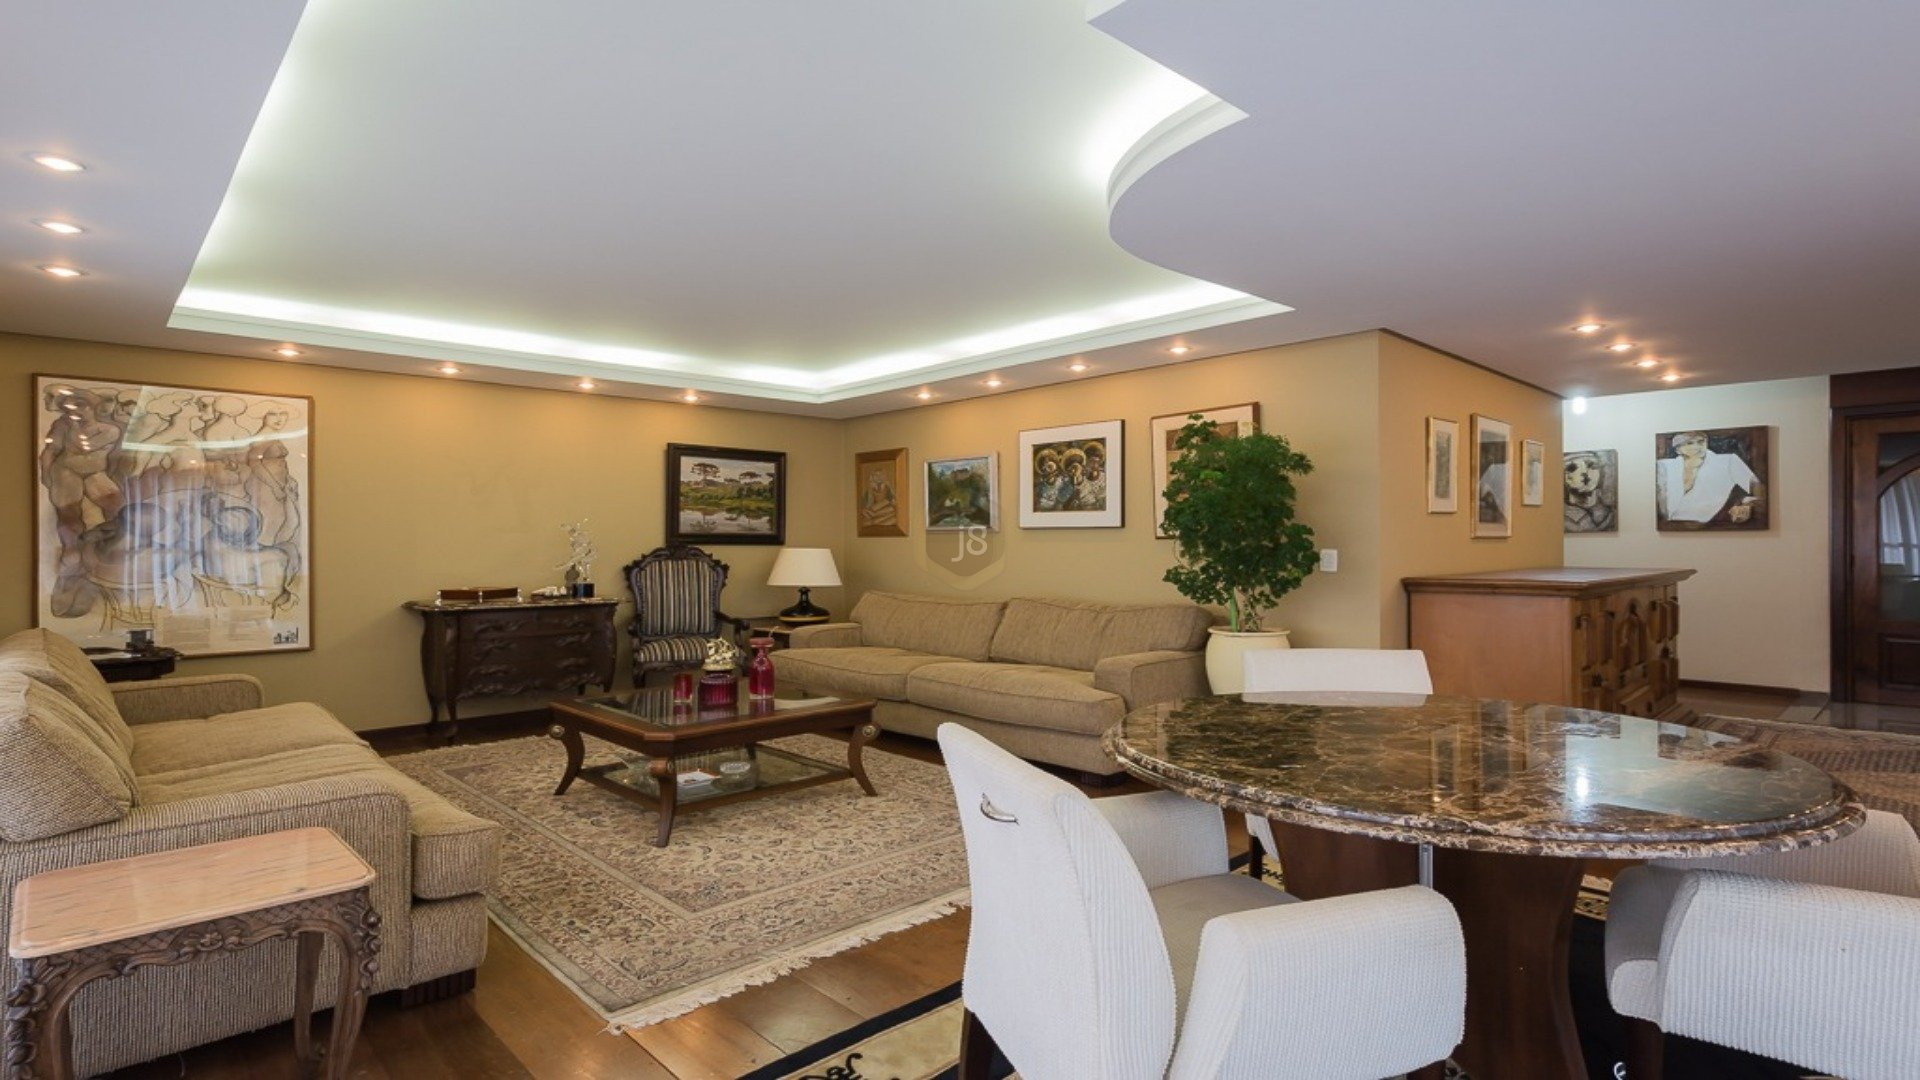 Foto de destaque Apartamento no batel em andar alto!